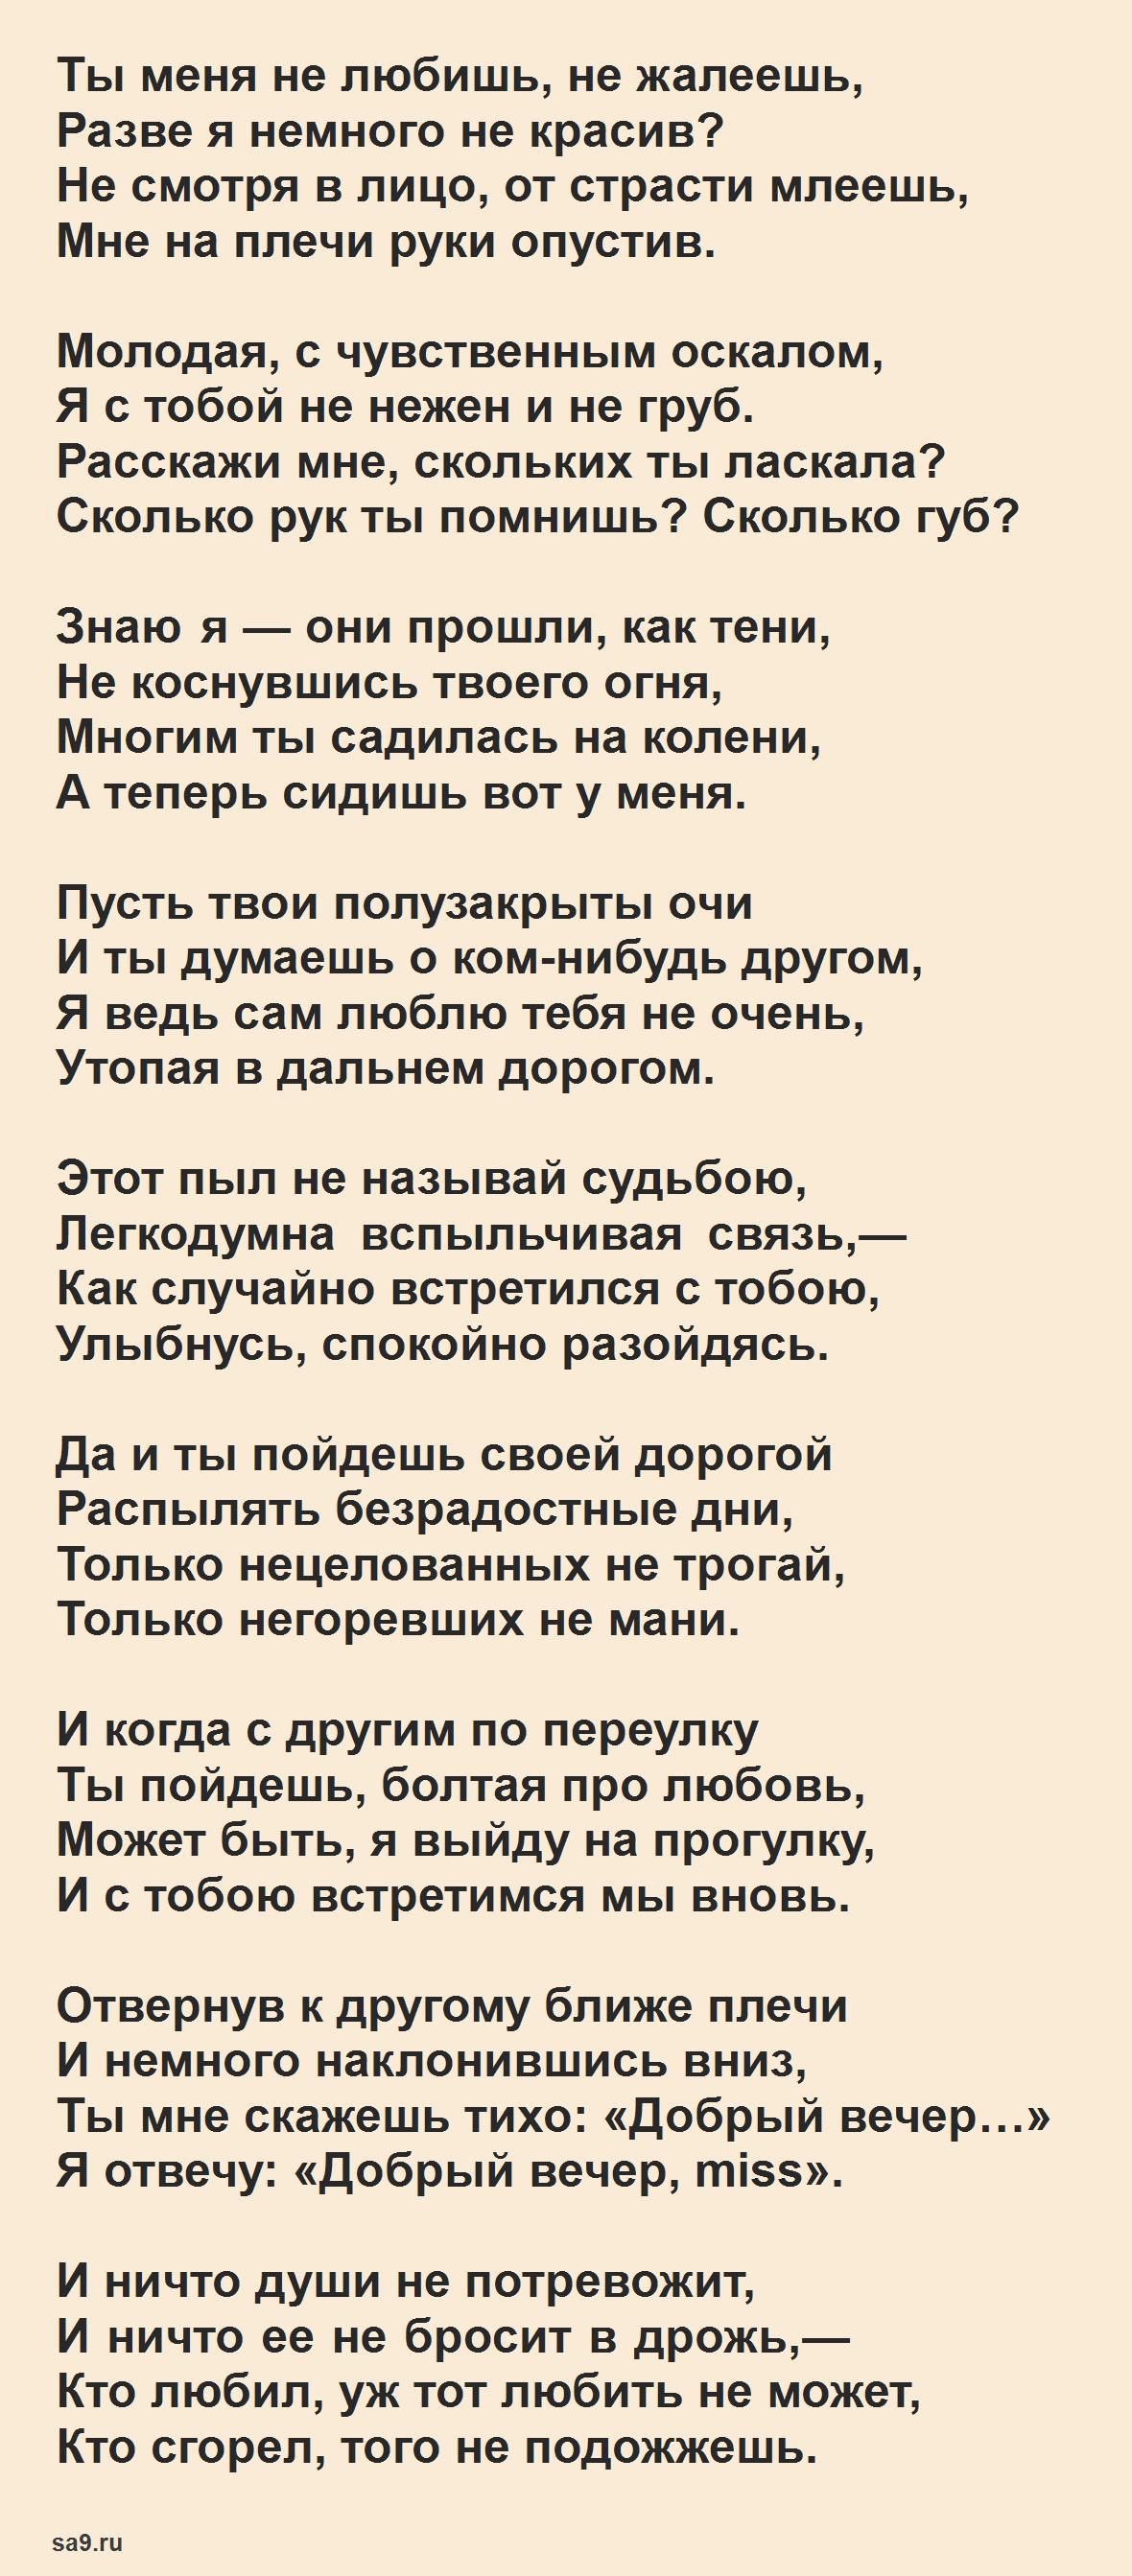 Стихи Есенина про любовь - Ты меня не любишь, не жалеешь